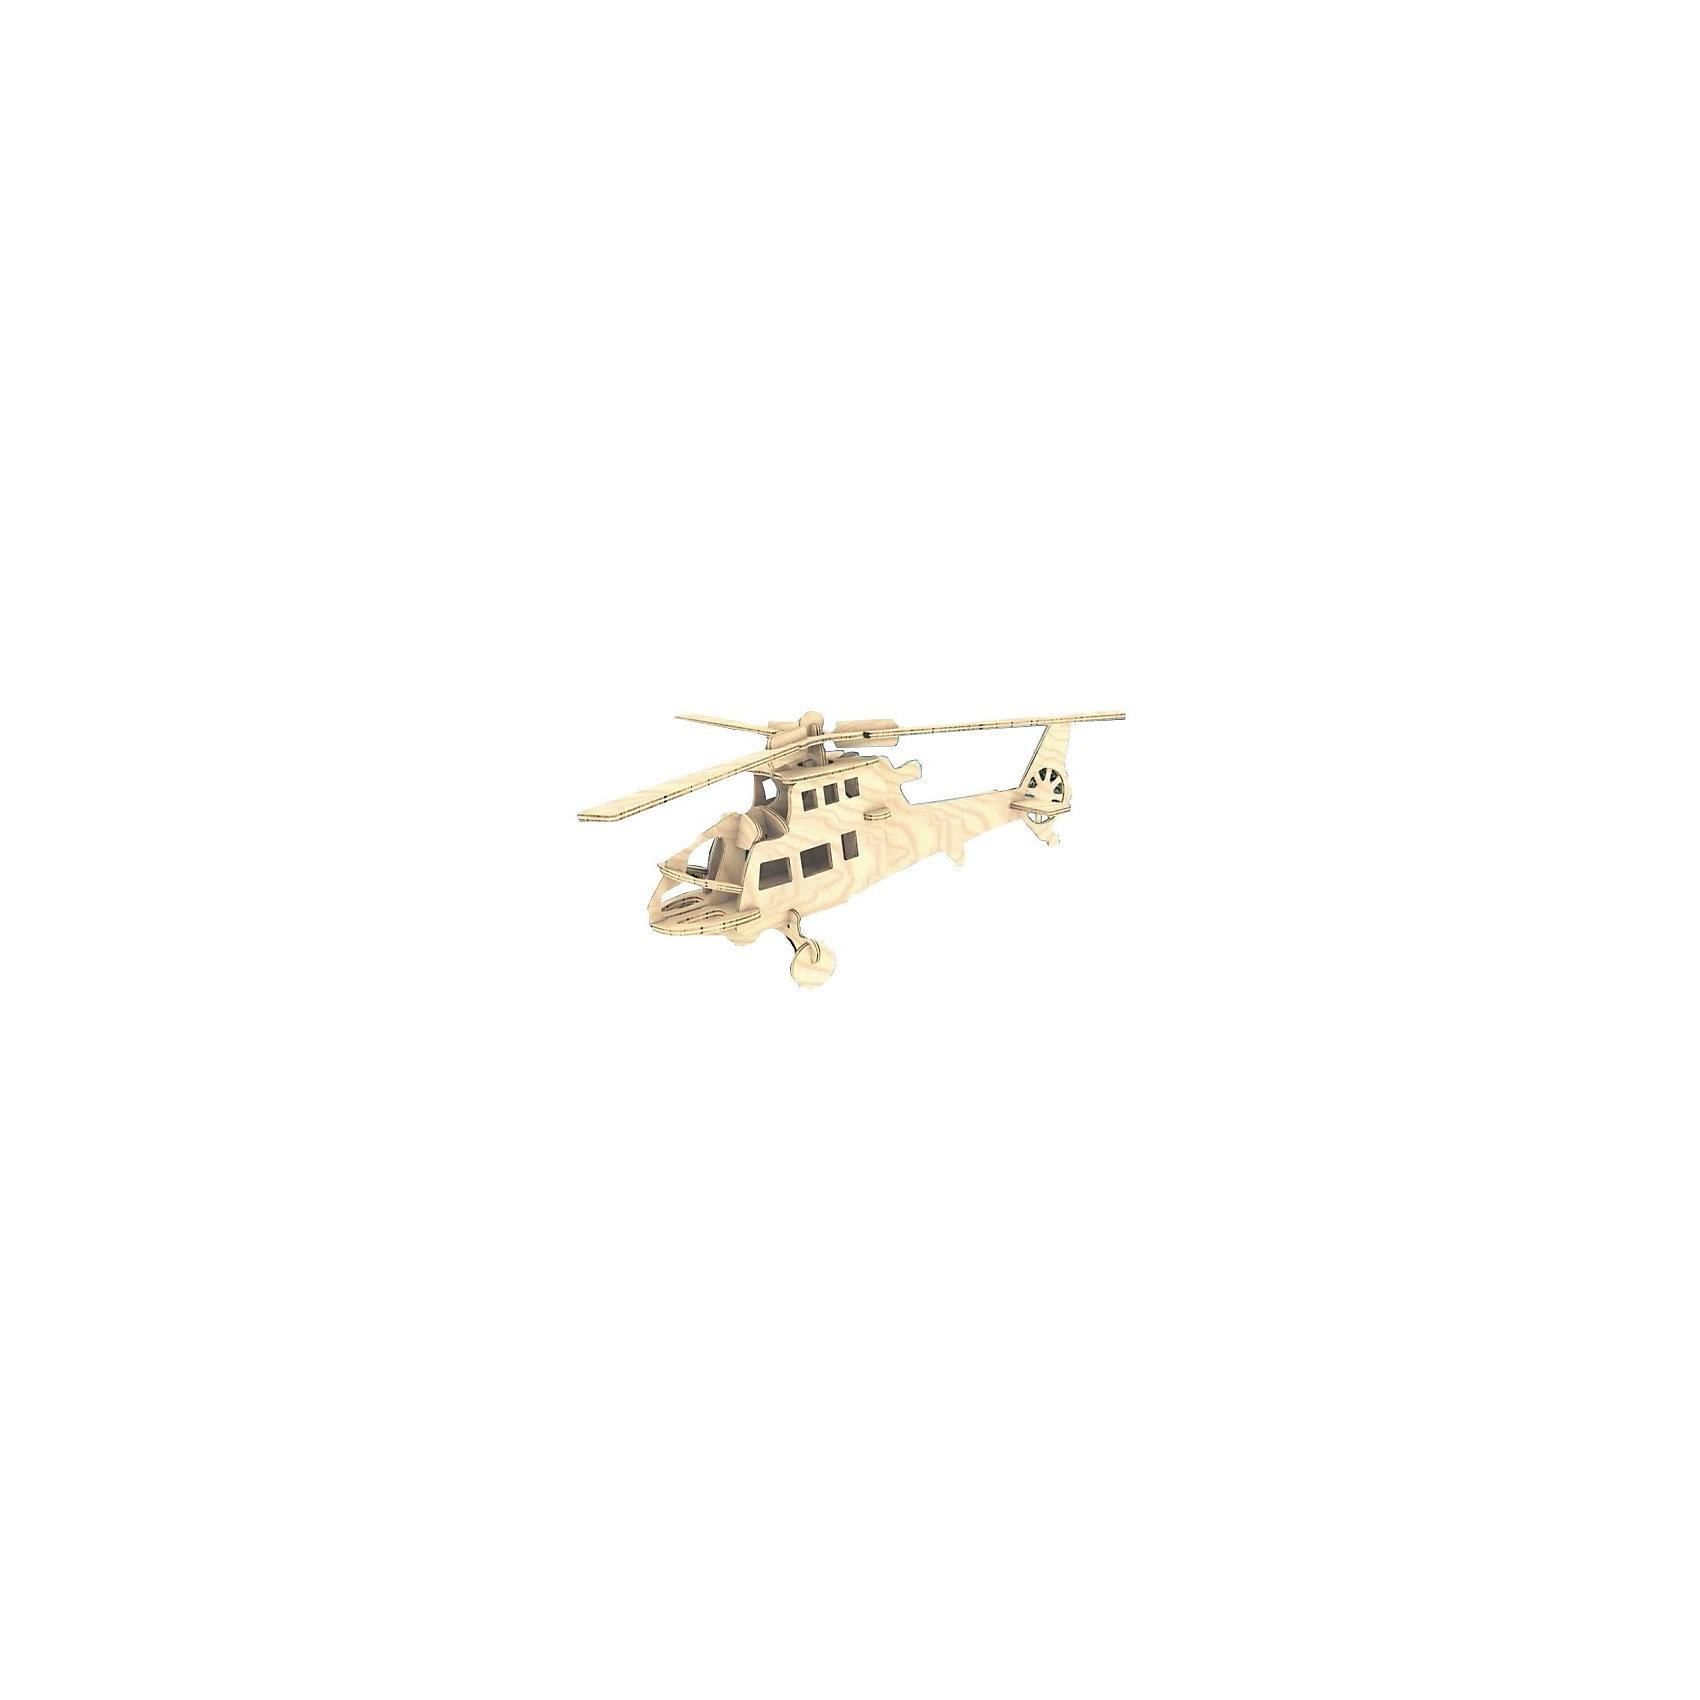 МДИ Боевой вертолет (серия П), Мир деревянных игрушек игрушка мир деревянных игрушек лабиринт слон д345